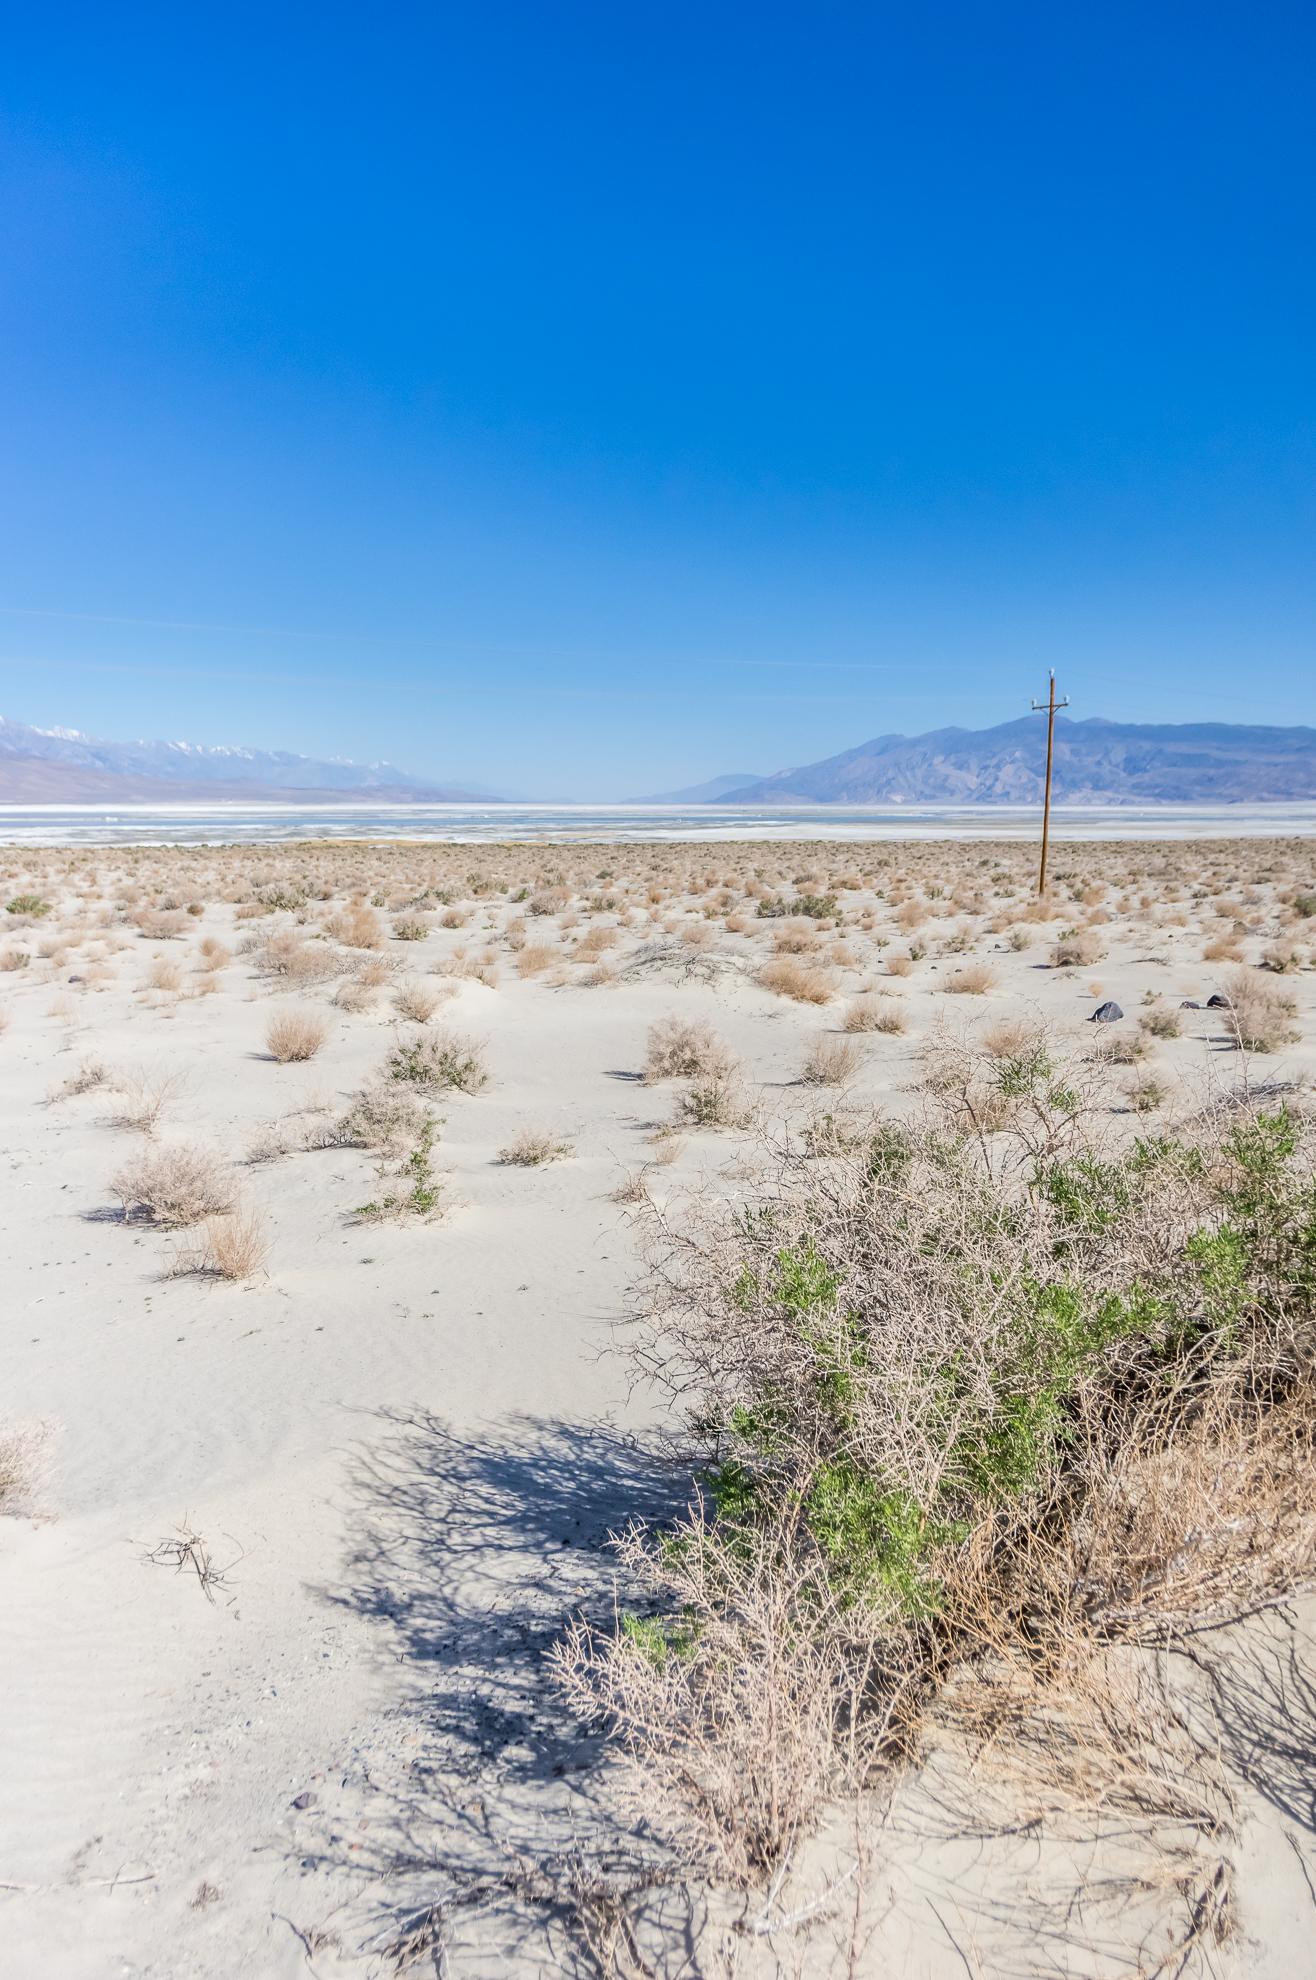 Karge Weiten im Death Valley.